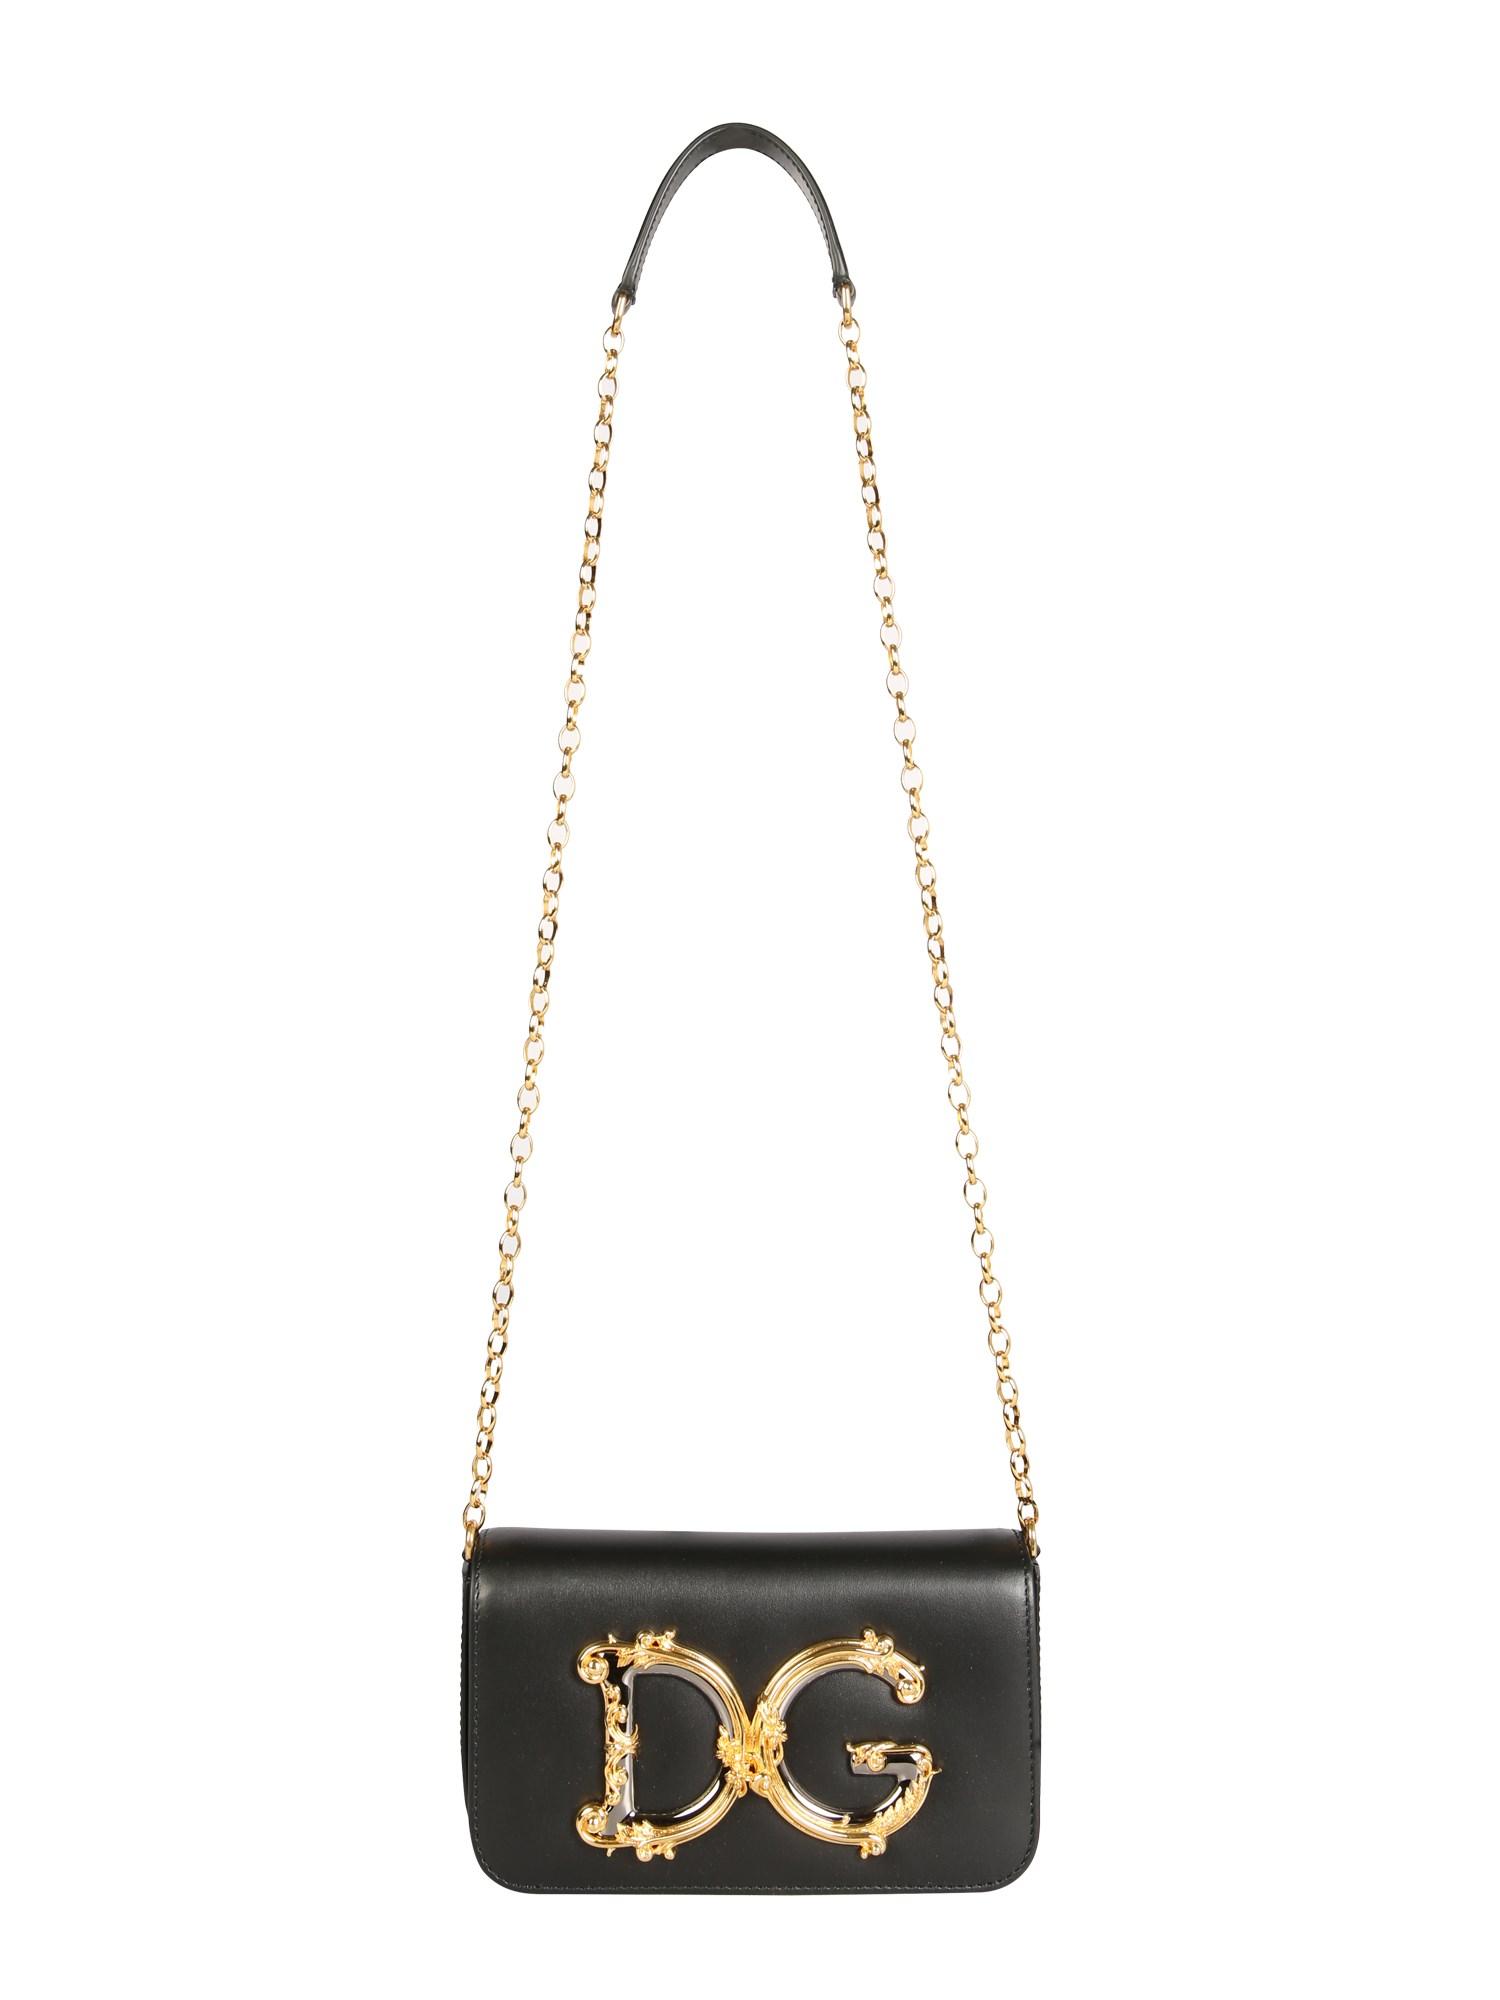 Dolce & Gabbana DG GIRLS CLUTCH